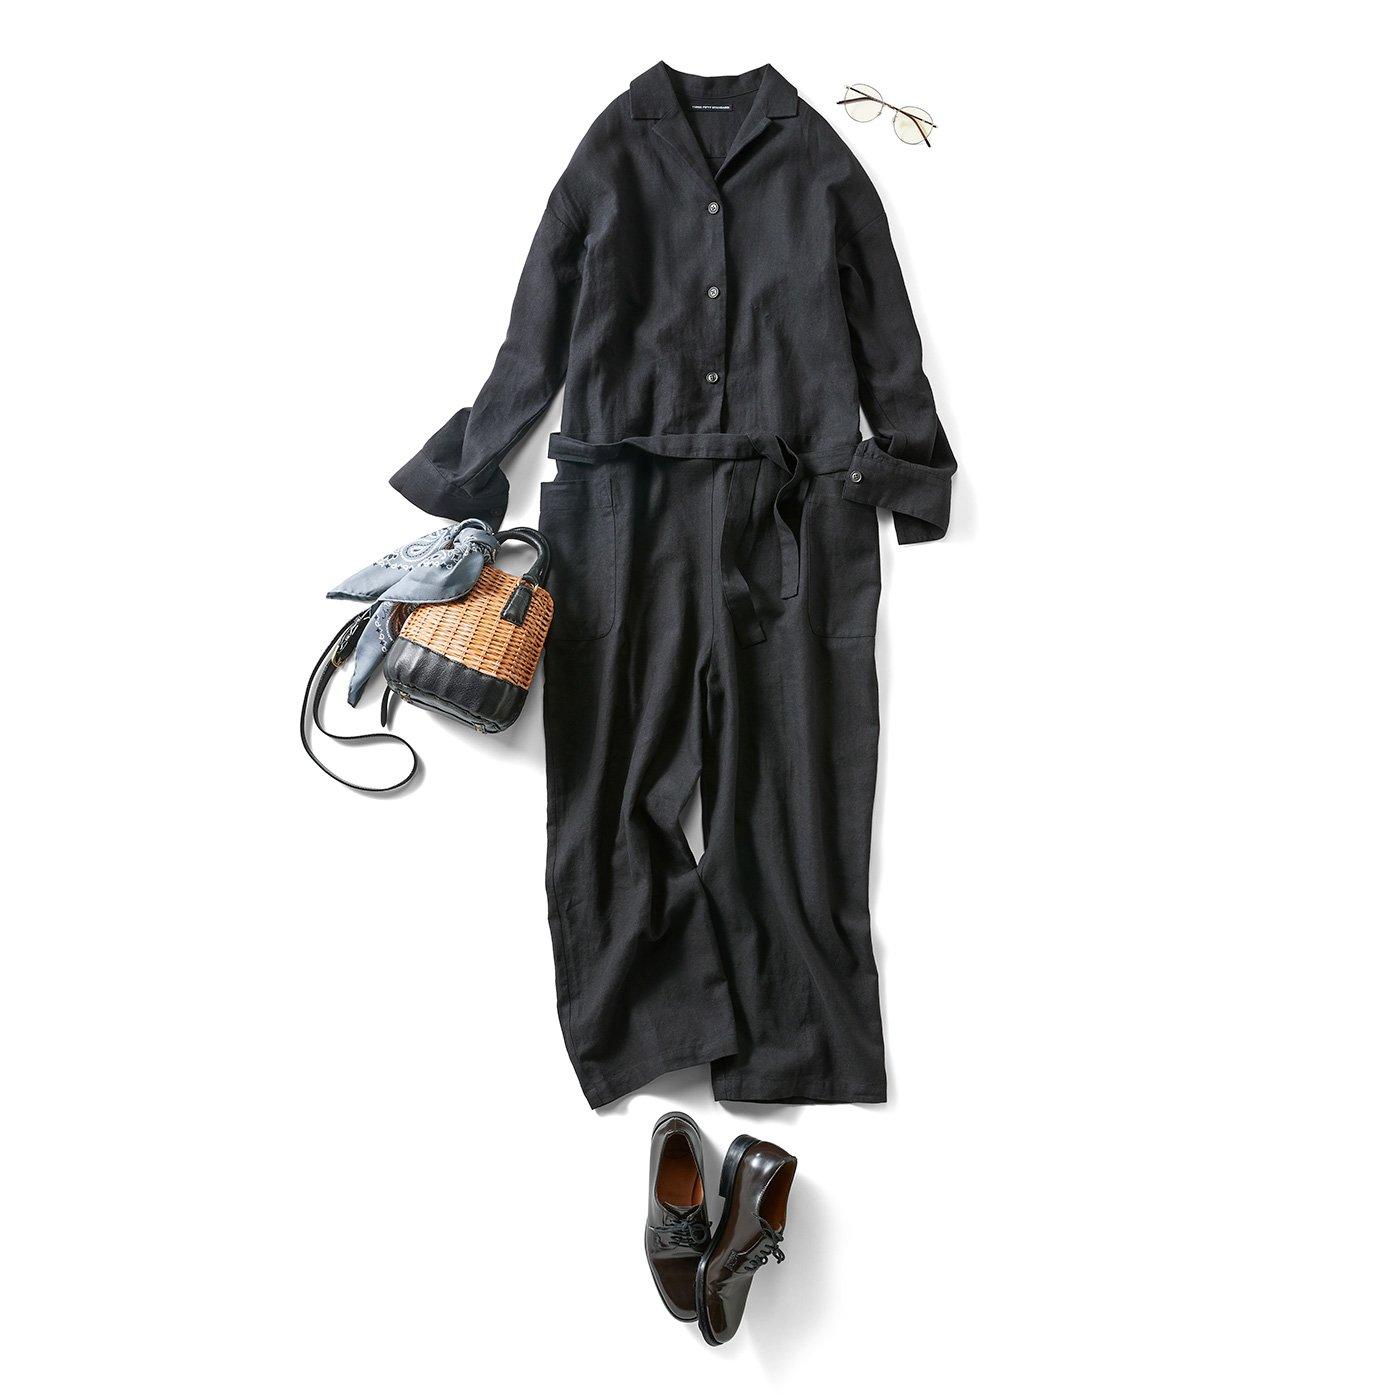 THREE FIFTY STANDARD 金子敦子さんと作った 綿麻のシックなジャンプスーツ〈黒〉